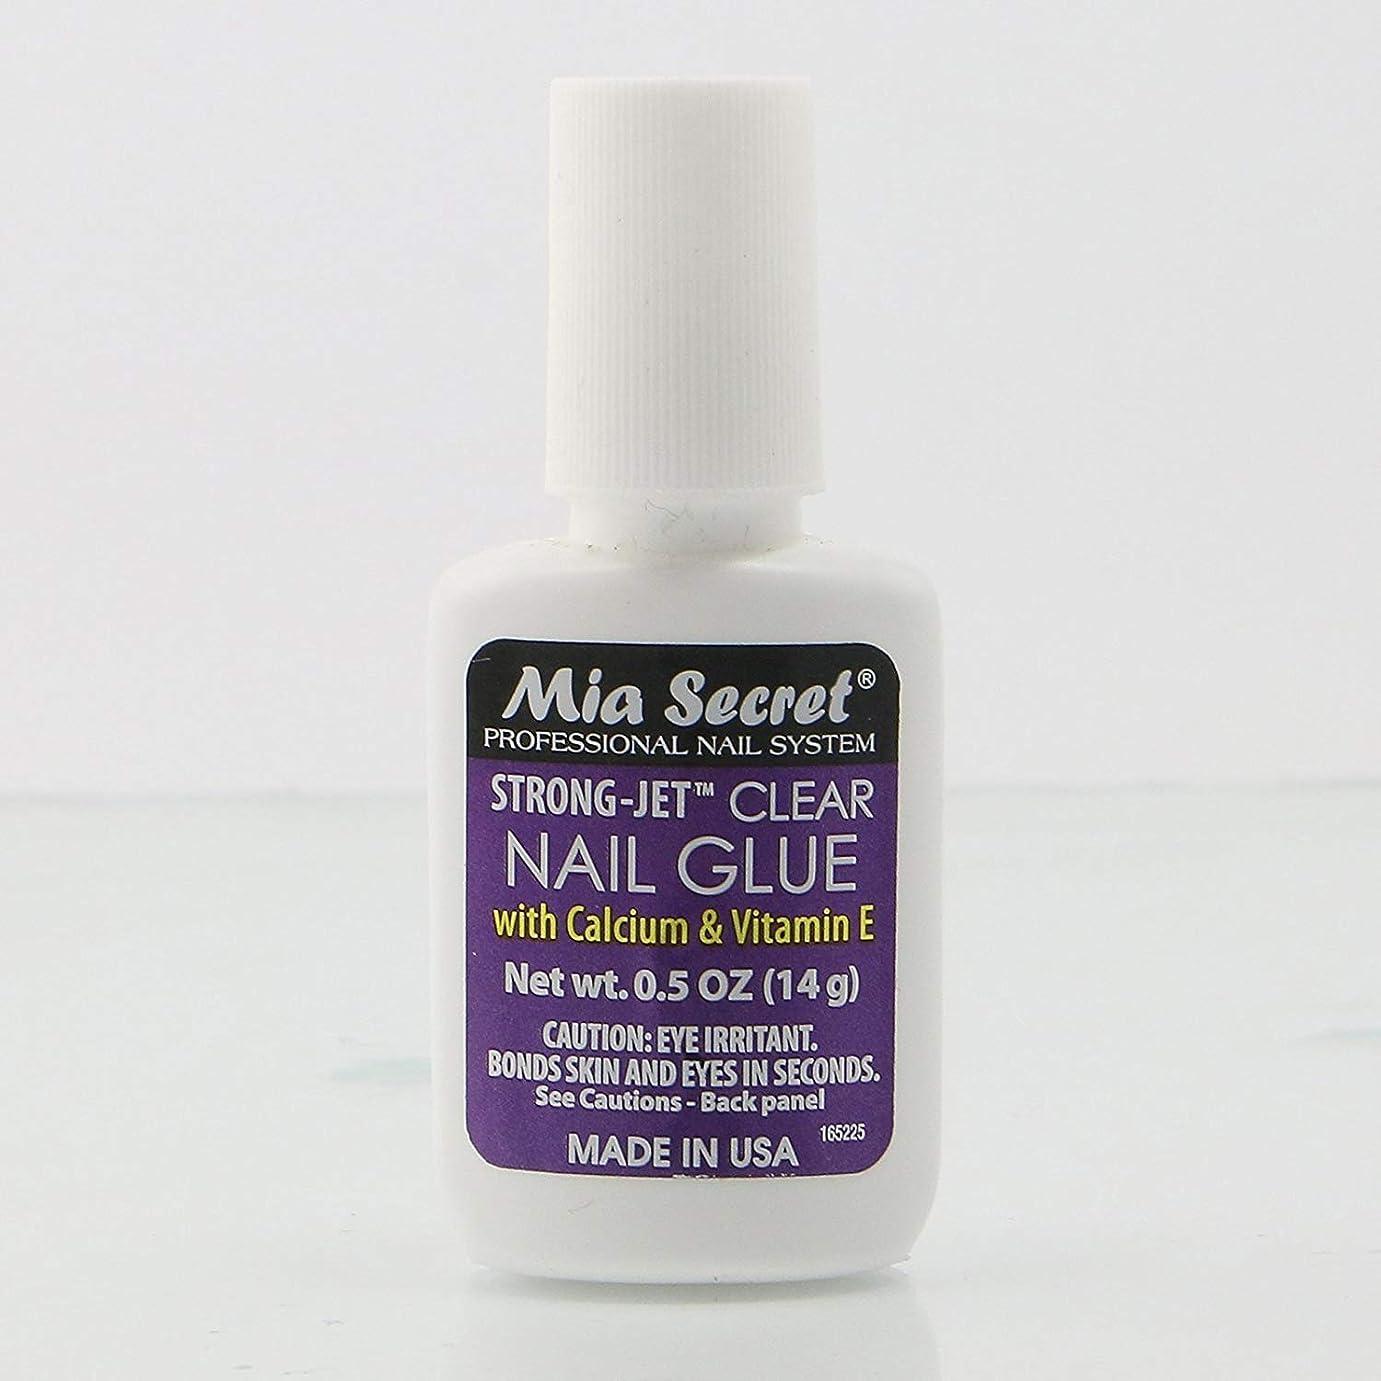 残酷なするだろうクリスマスMia Secret #335のカルシウムとビタミンE - ブラシで爪の接着剤